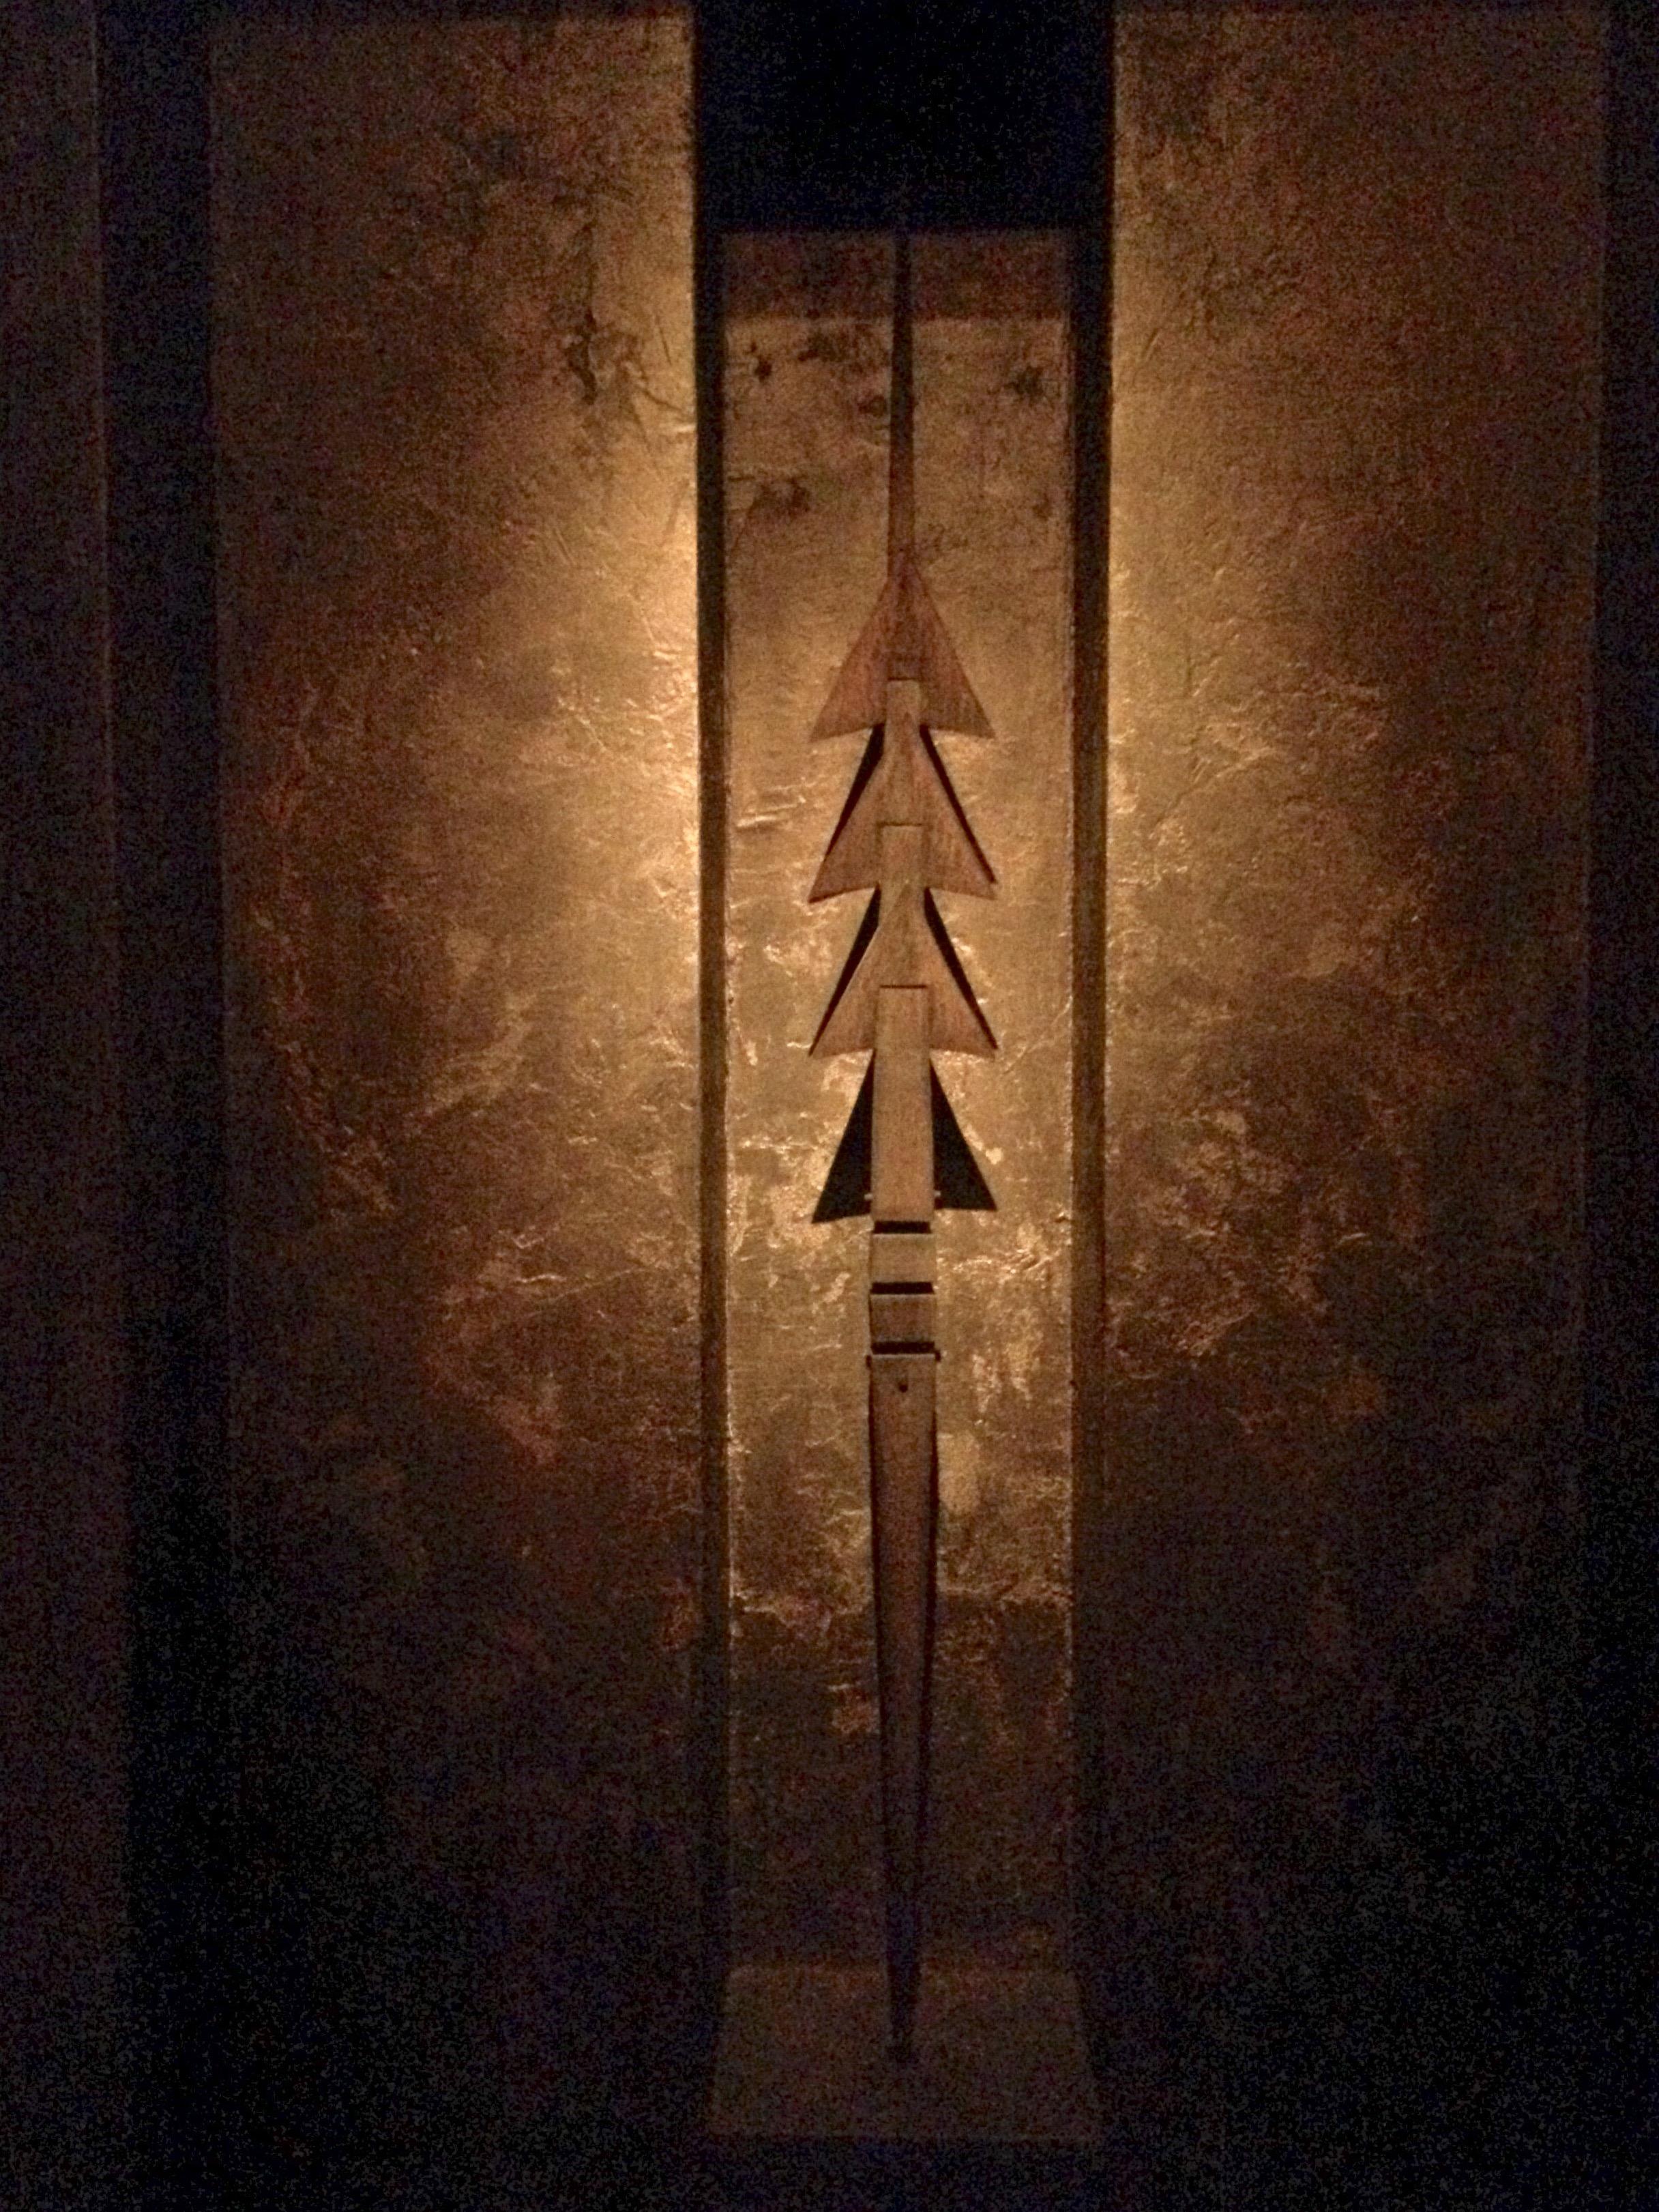 Inside Arnaldo Pomodoro's labyrinth: detail.